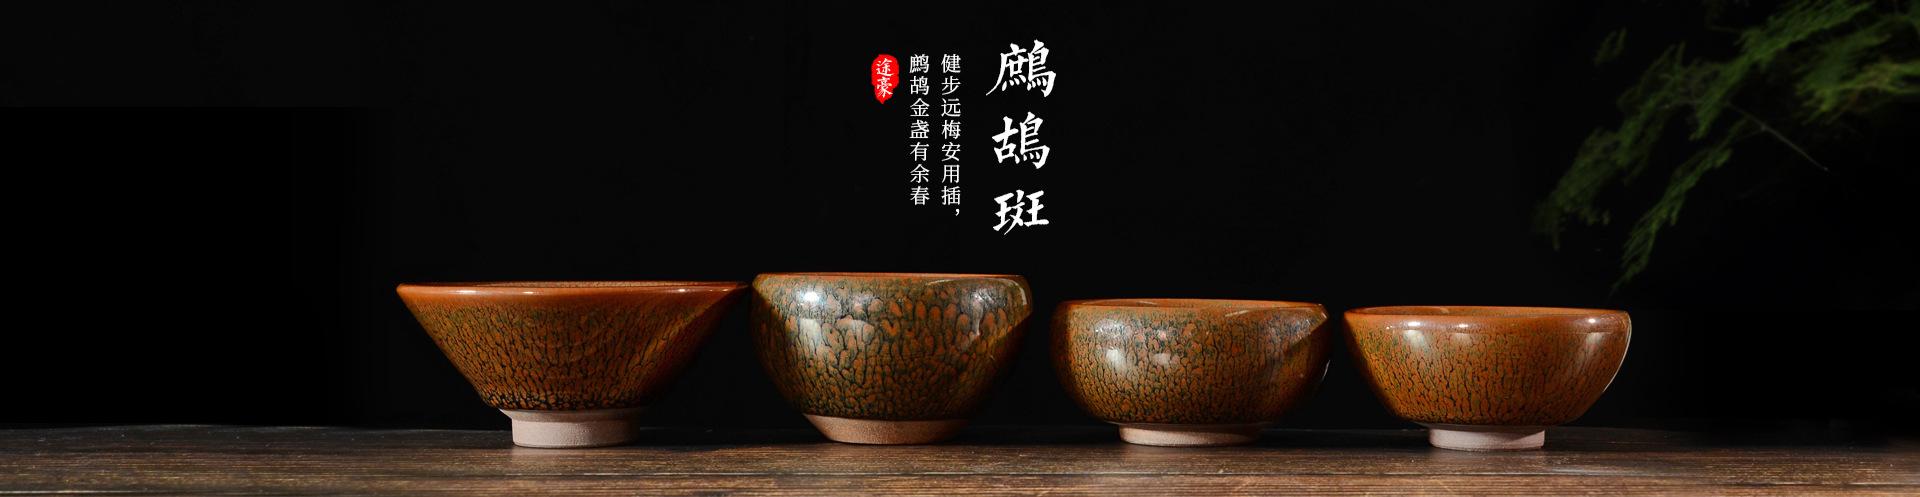 南平市建阳区水吉镇途豪建盏陶瓷工作室